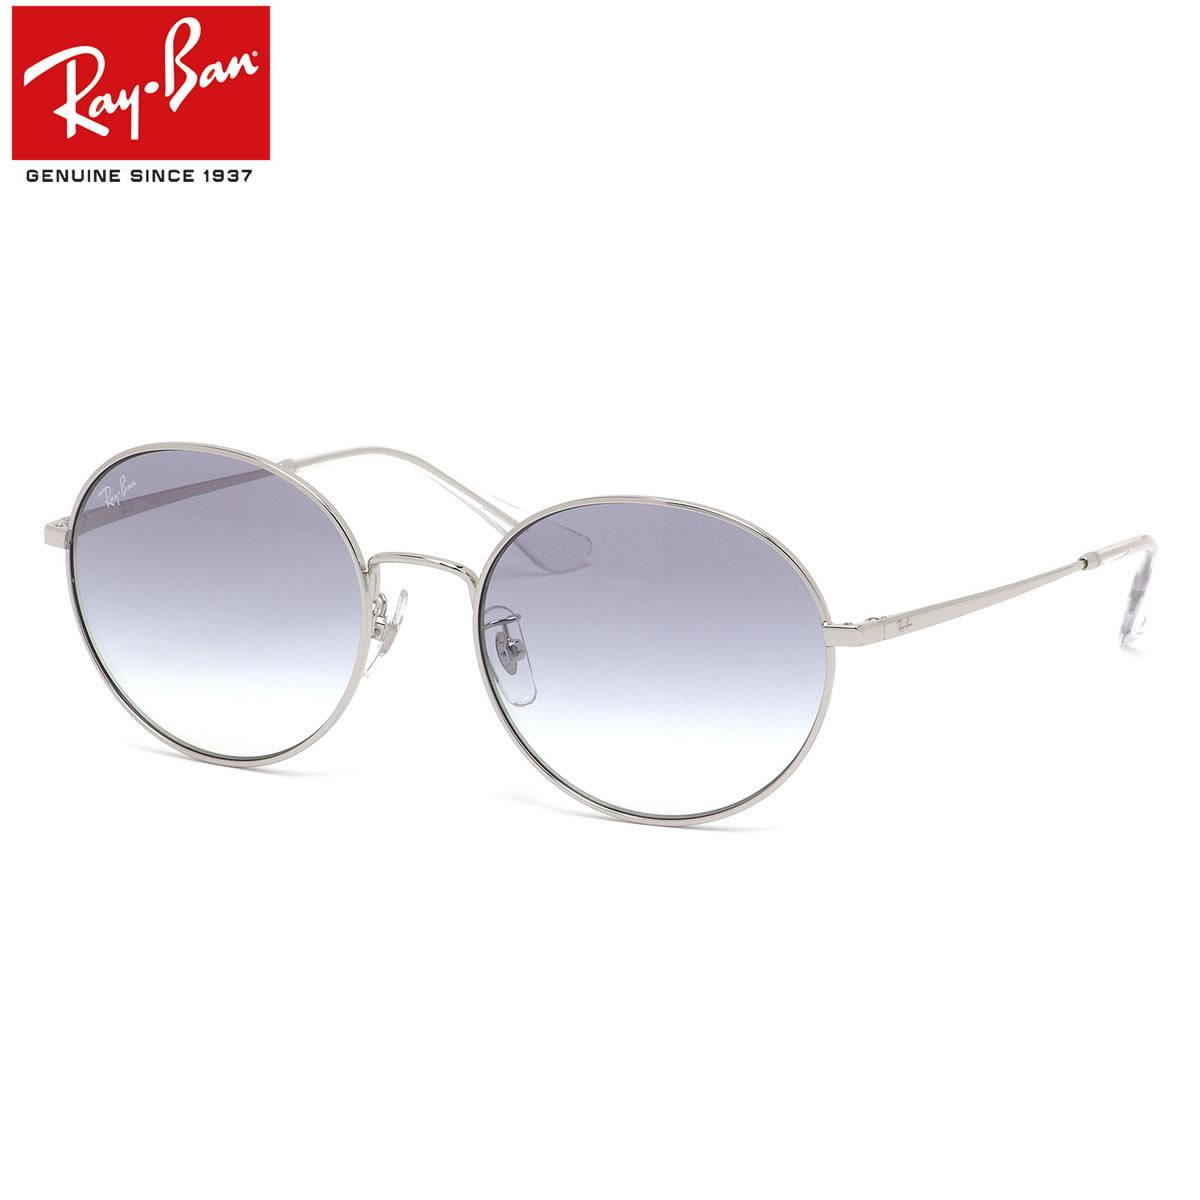 Ray-Ban レイバン サングラス RB3612D 003/19 56サイズ YOUNGSTER ヤングスター トレンド ボストン メンズ レディース